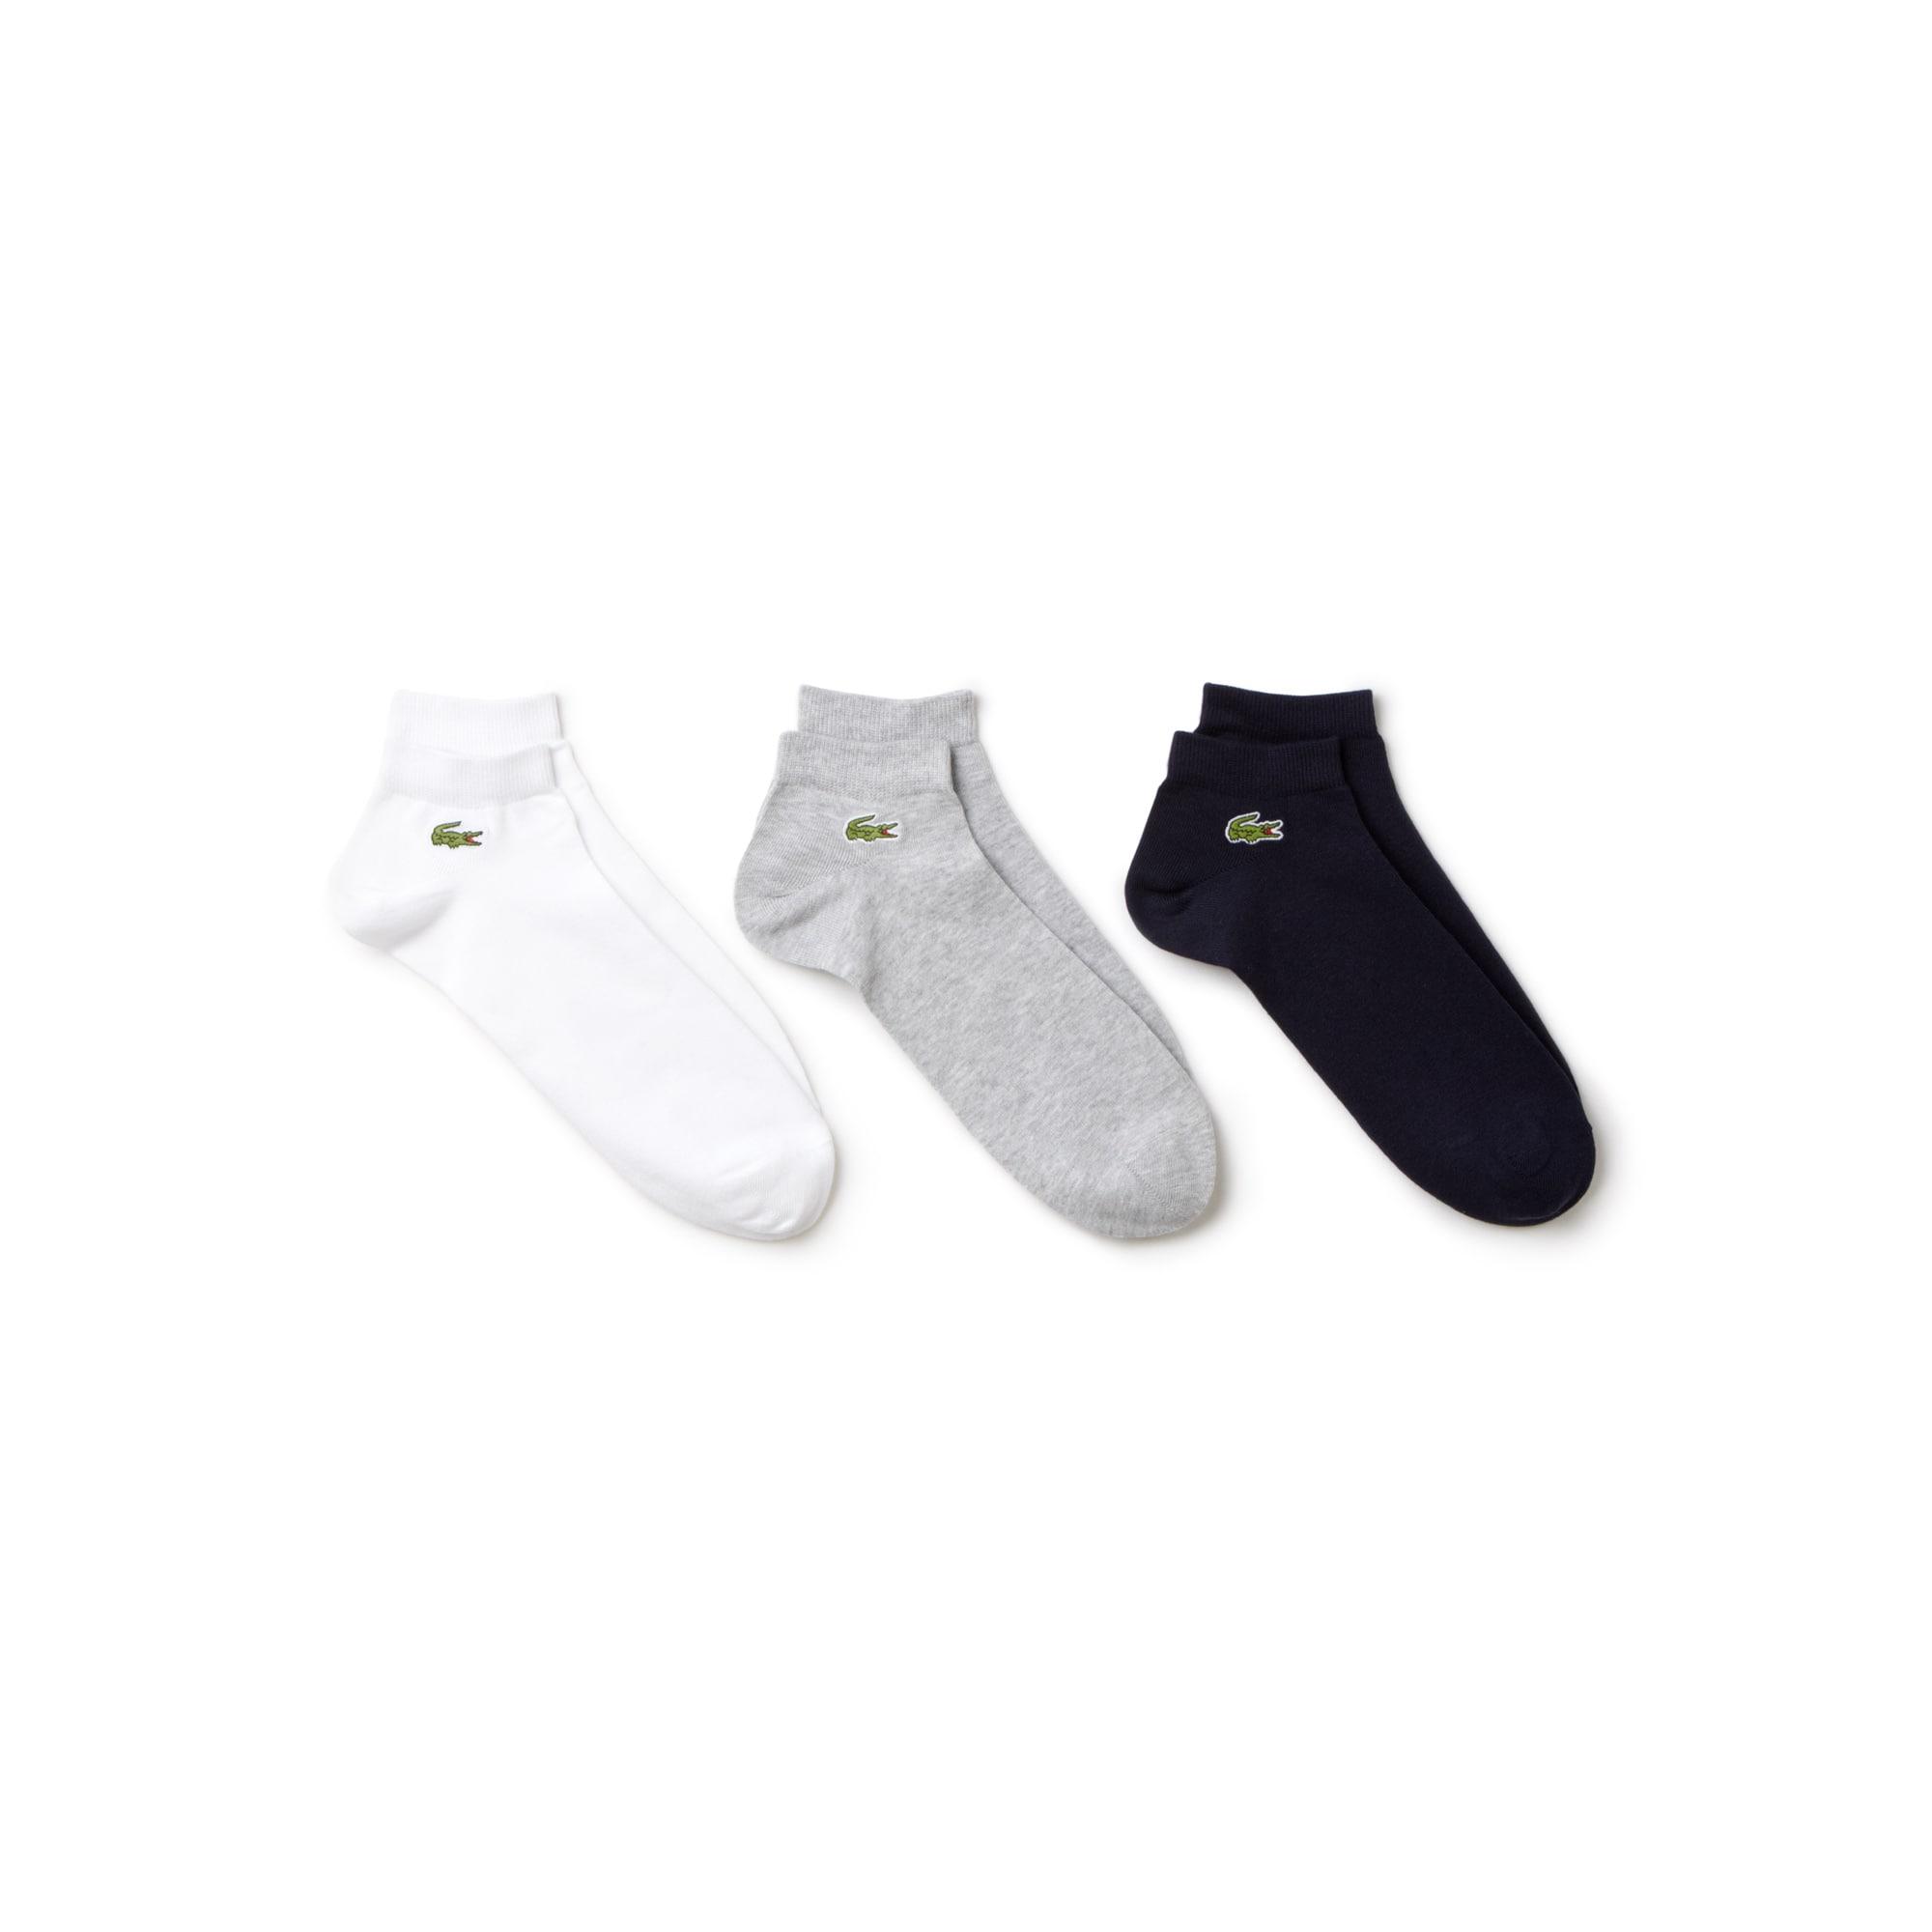 78d2da99af Lot de 3 paires de socquettes Lacoste SPORT en jersey uni | LACOSTE